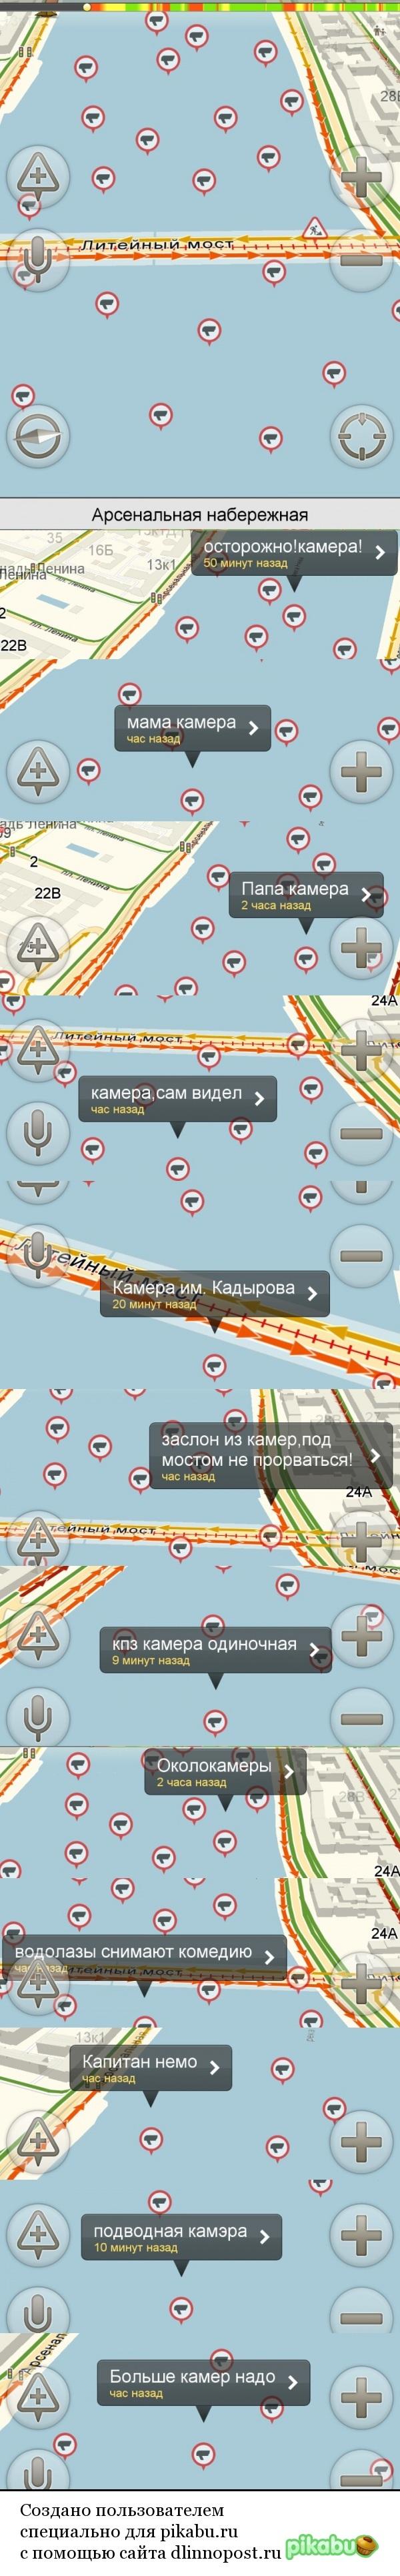 Когда скучно в пробке Санкт-Петербург, Флешмоб, Навигатор, Камера фиксации, Пробки, Длиннопост